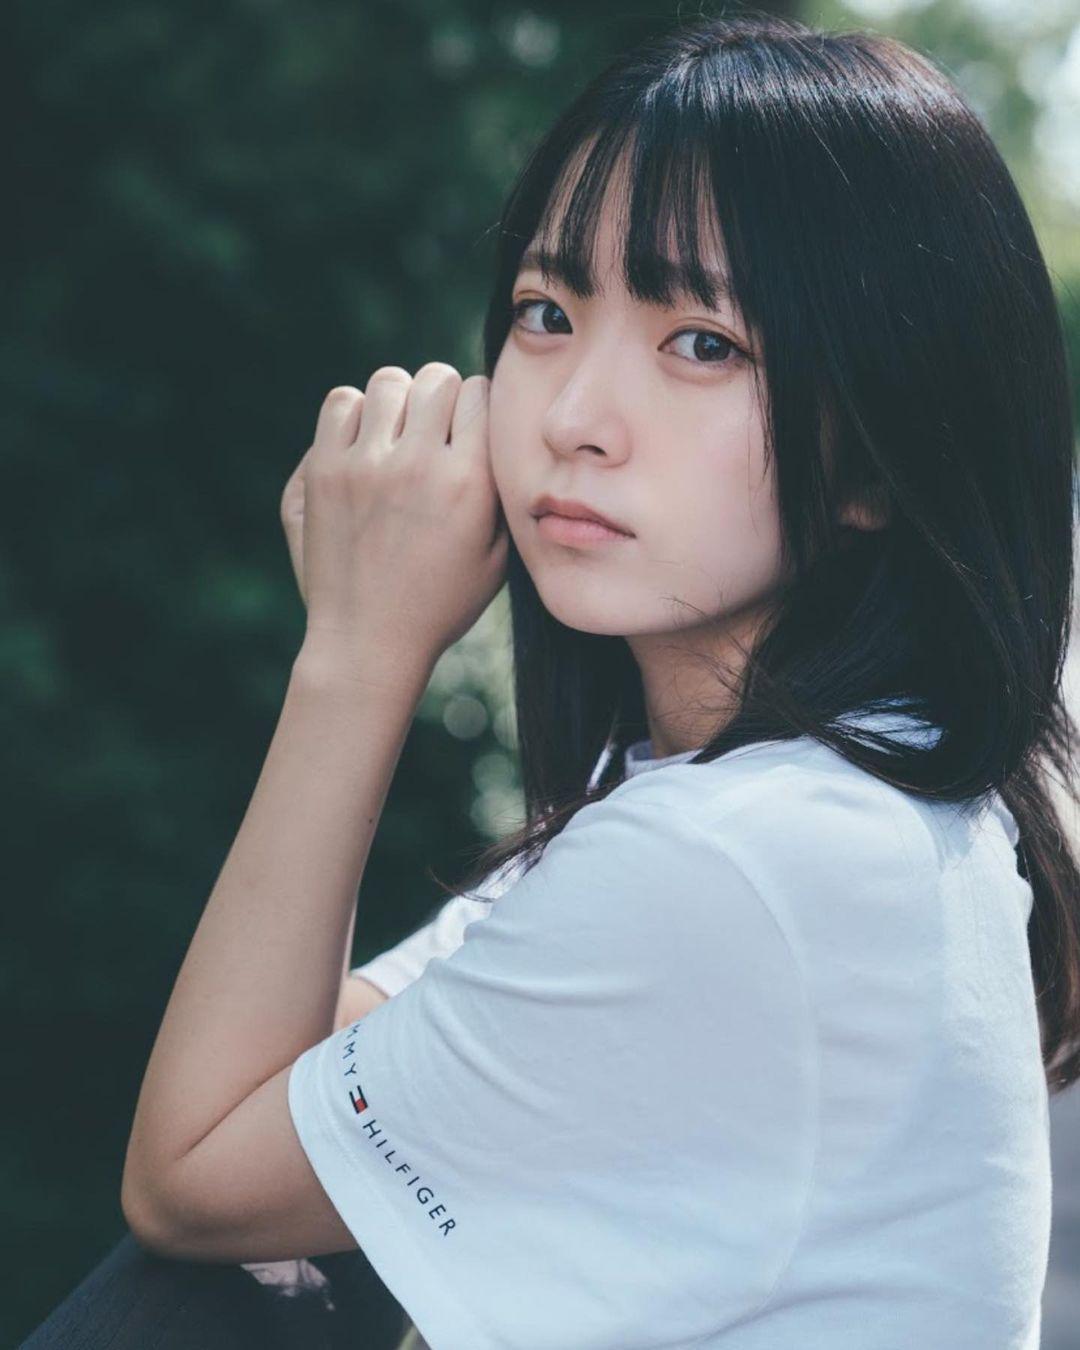 17岁仙女高中生瀬戸りつ绝美长相激似IU 全身散发空灵气质美到有点不真实 养眼图片 第8张